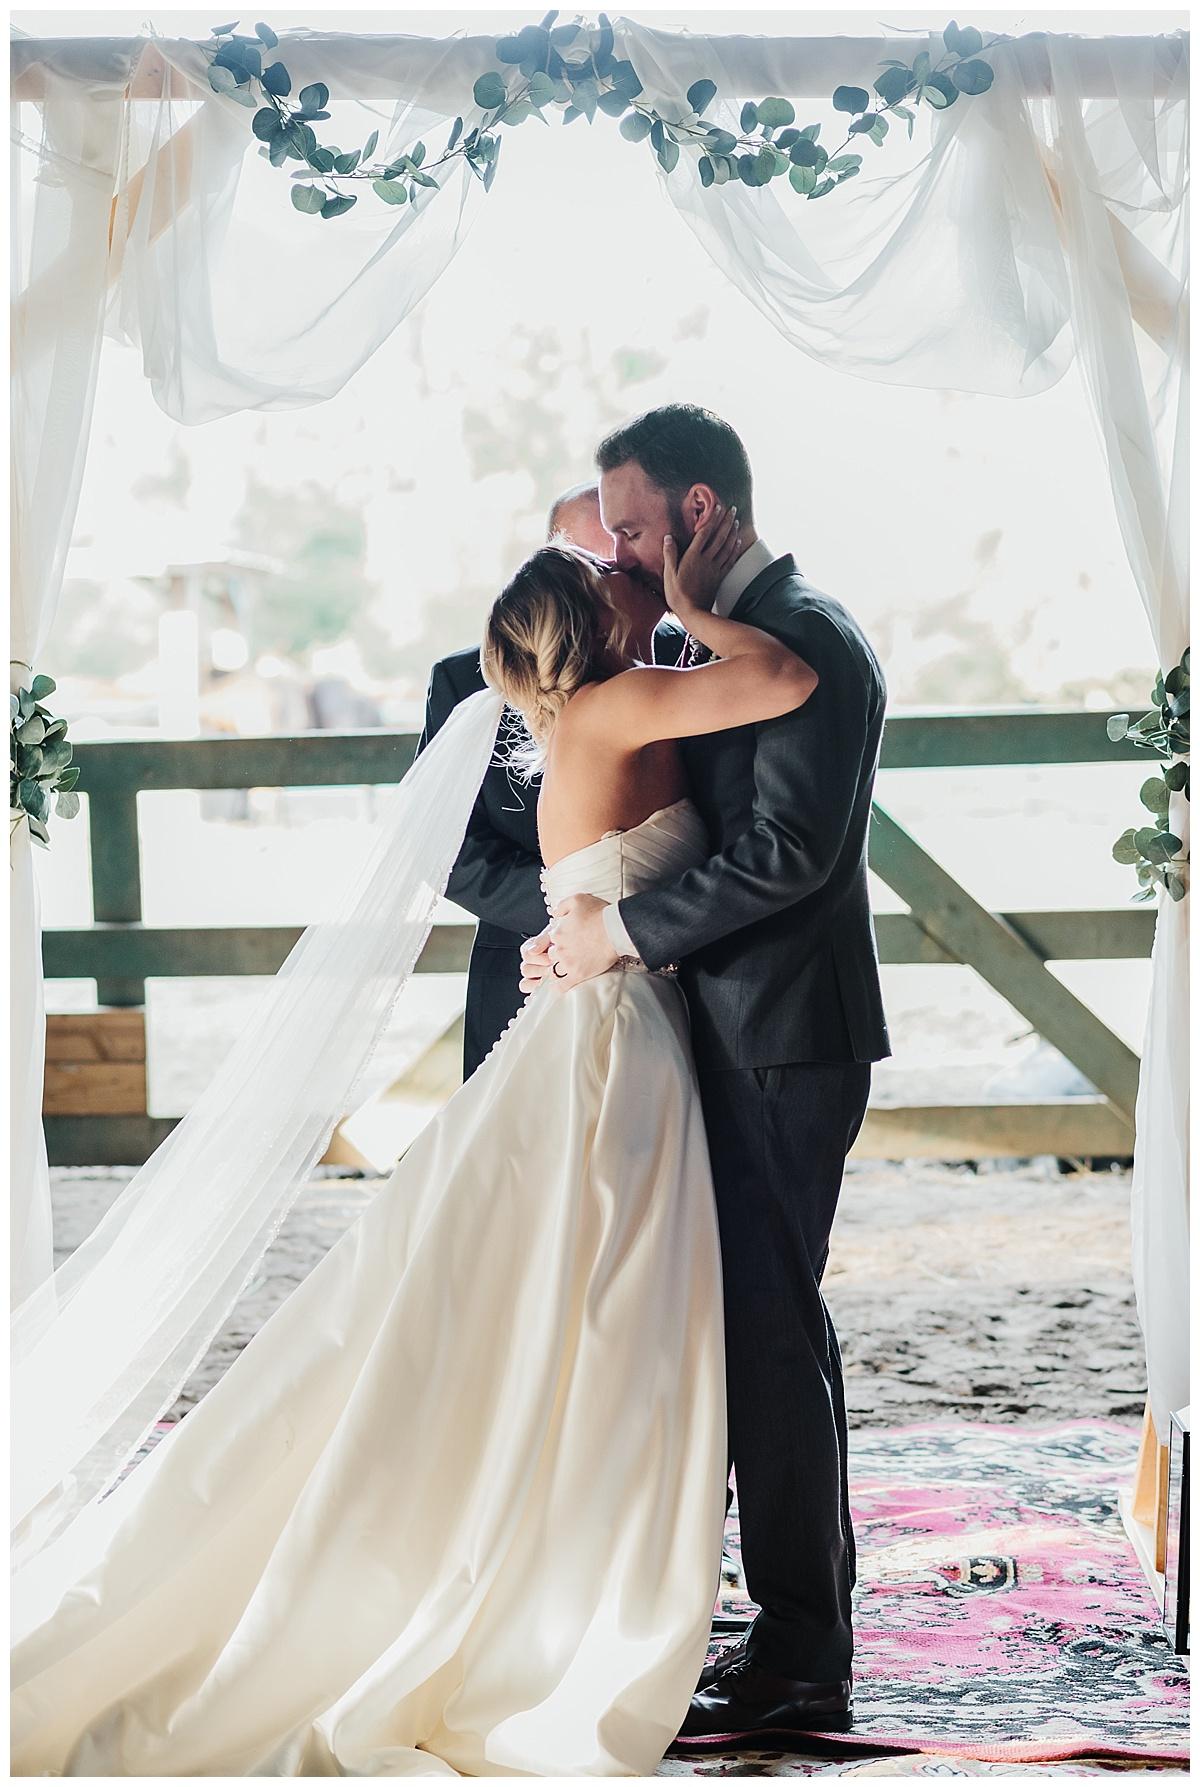 Rustic-Barn-Wedding-Halifax-Nova-Scotia_70.jpg